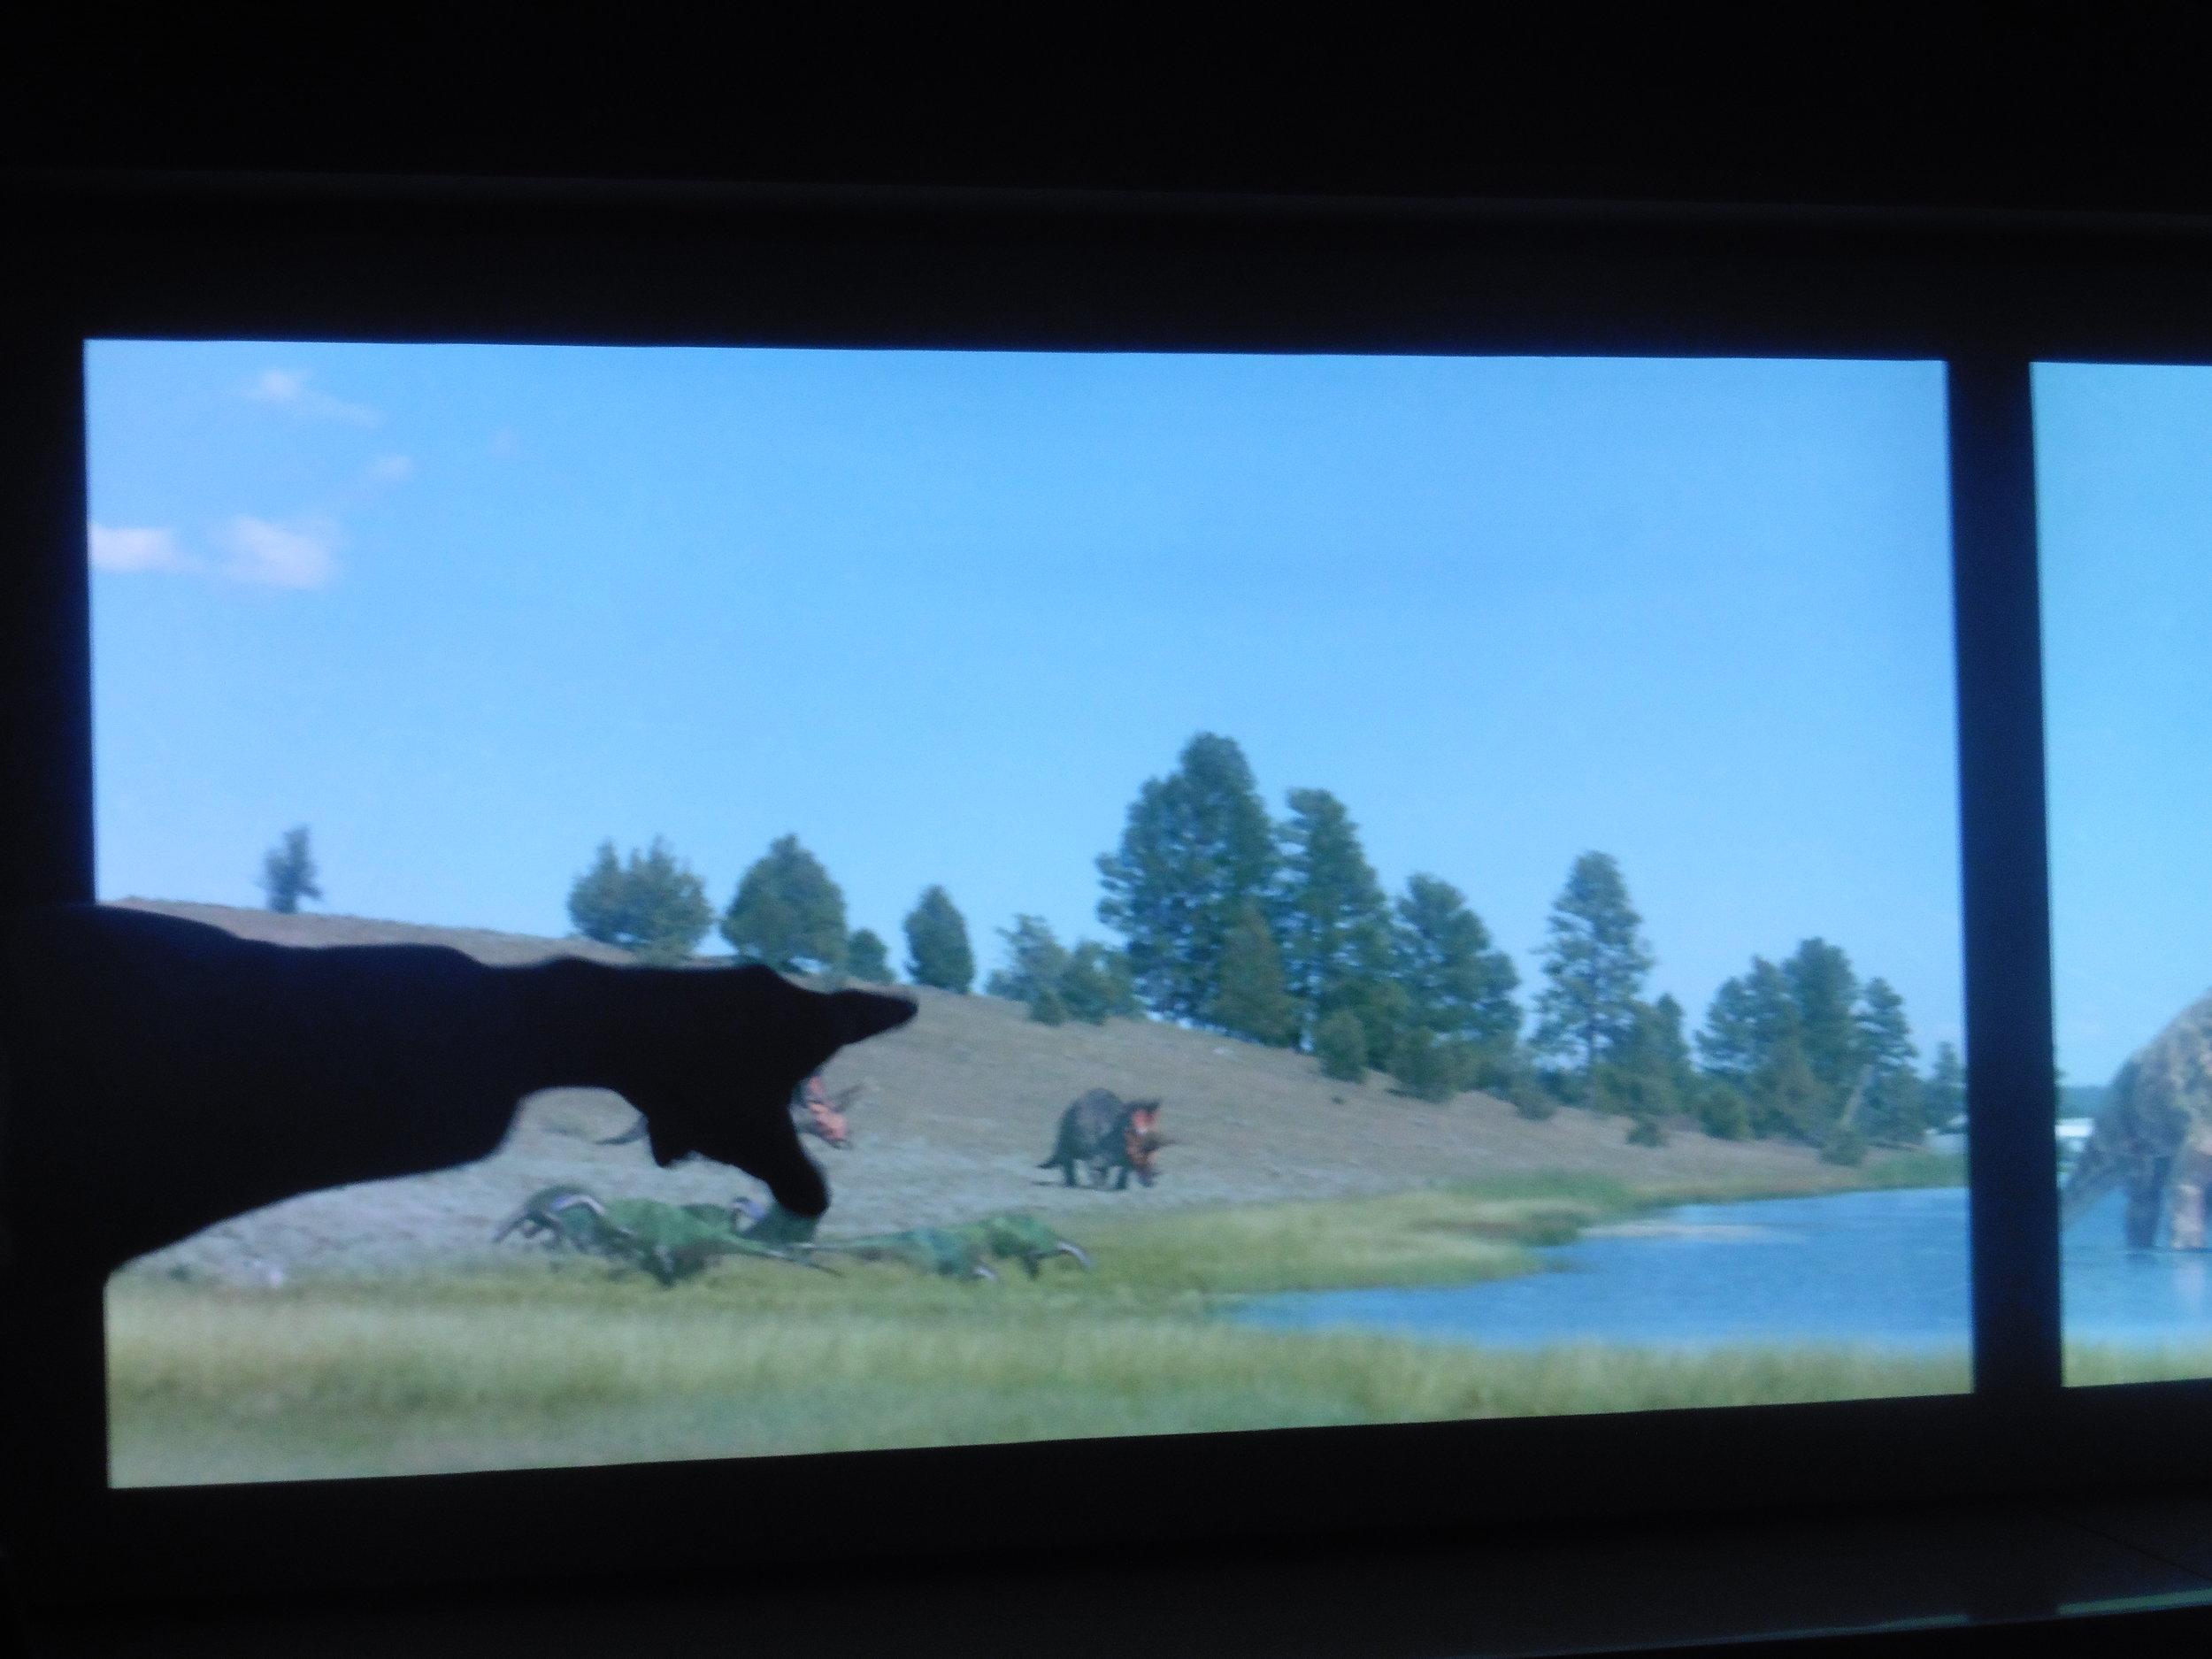 2018-06-01 12.00.18dinosaurs.jpg